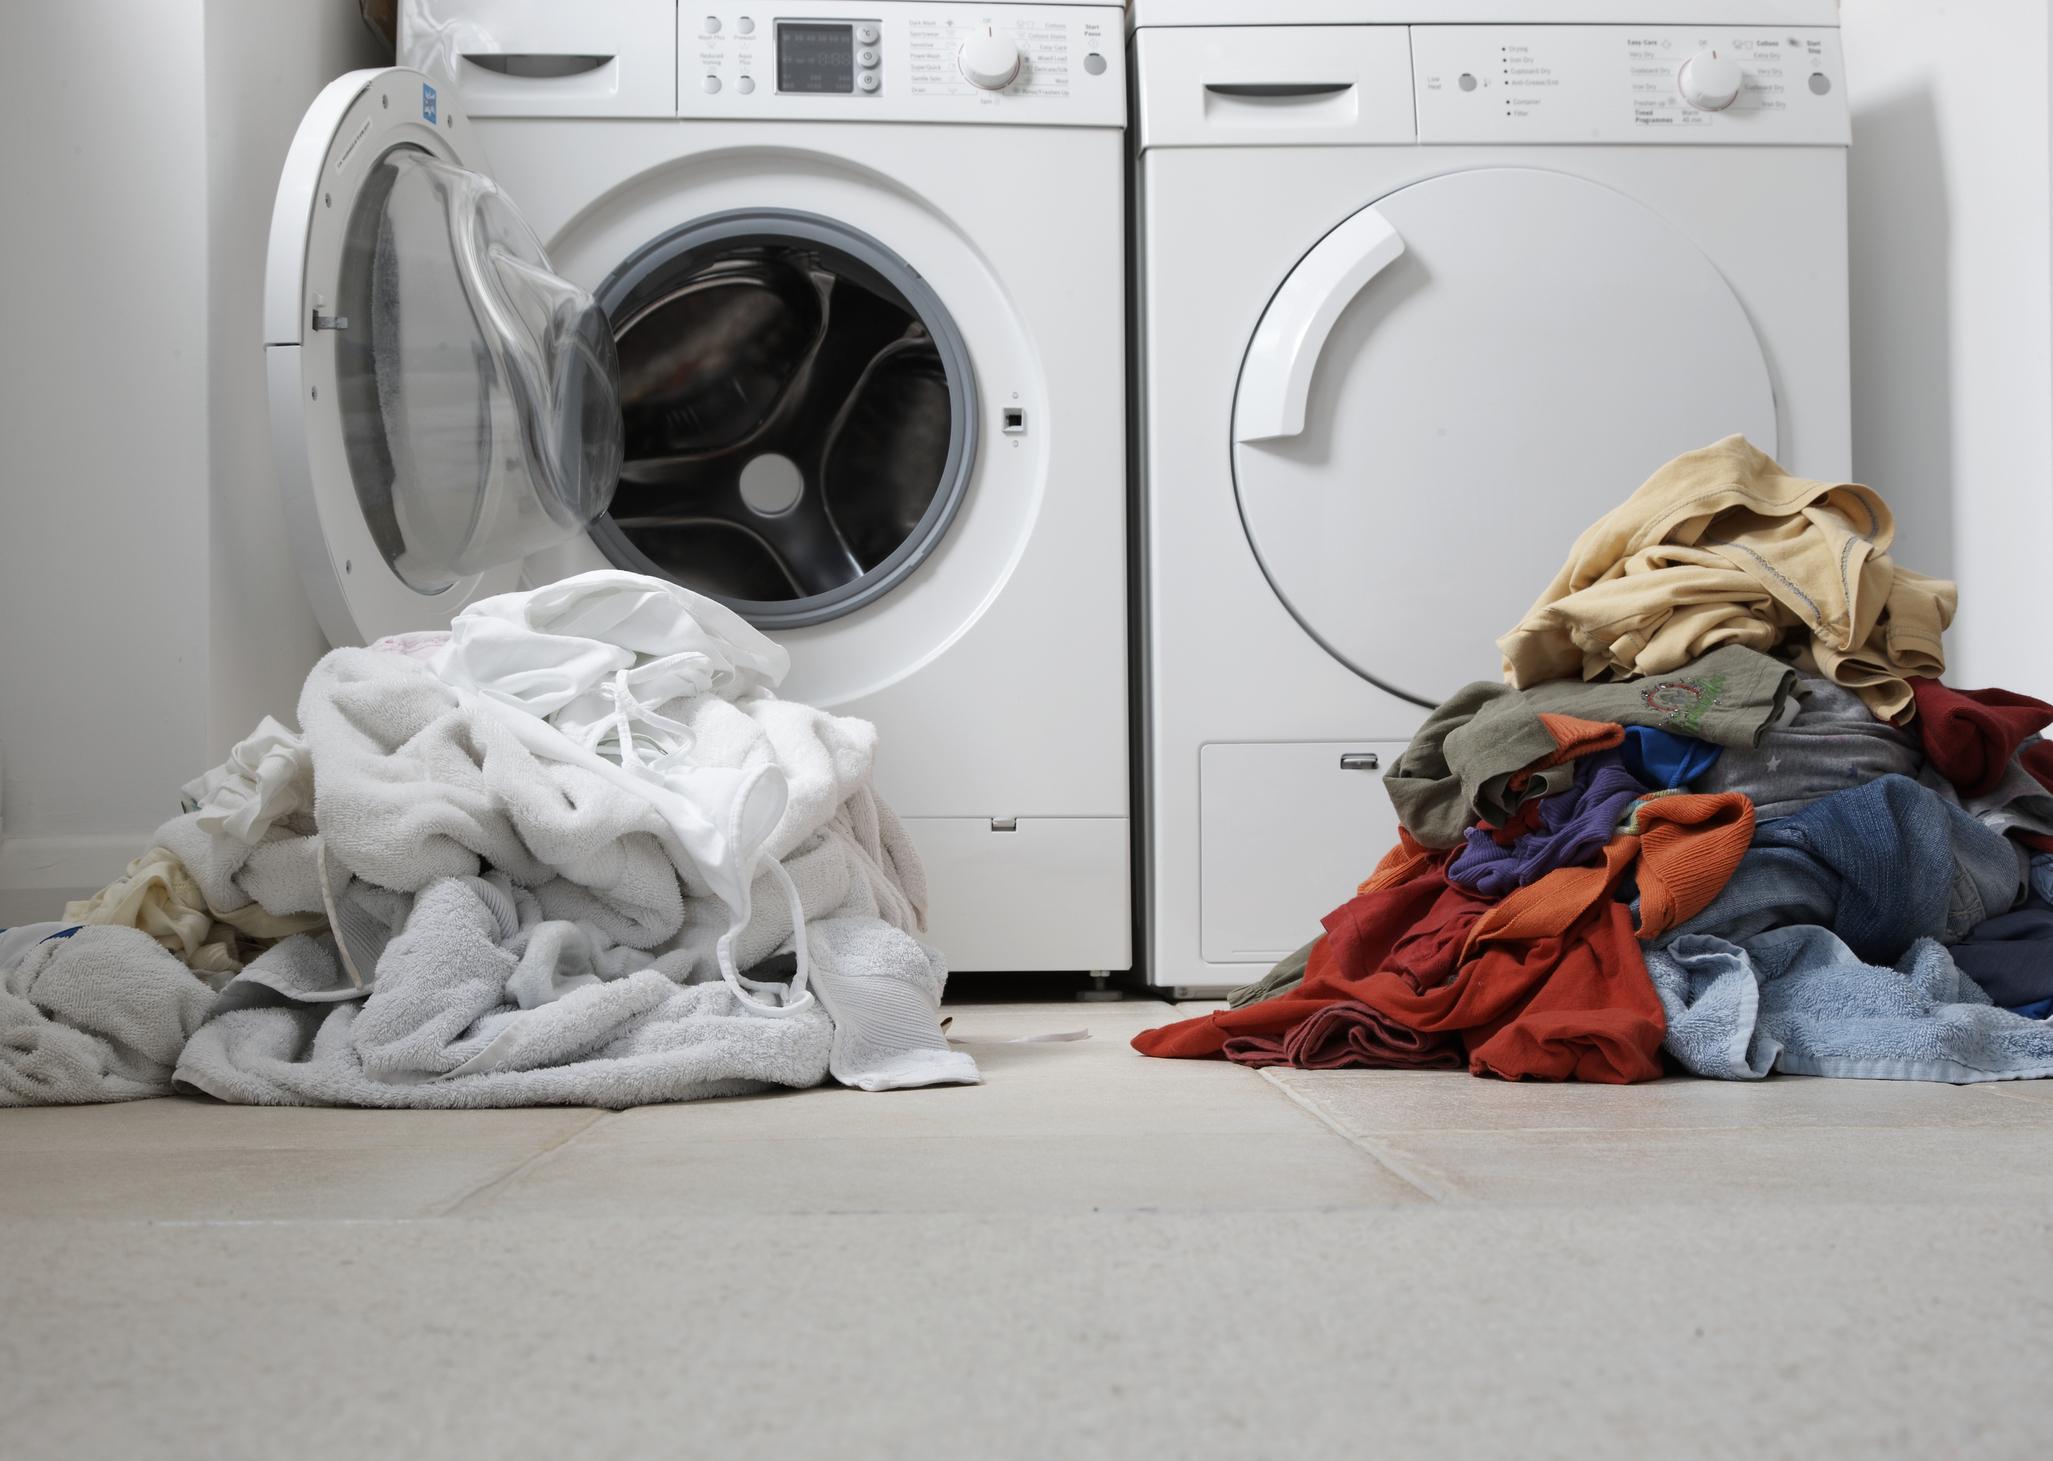 Comment nettoyer son lave linge